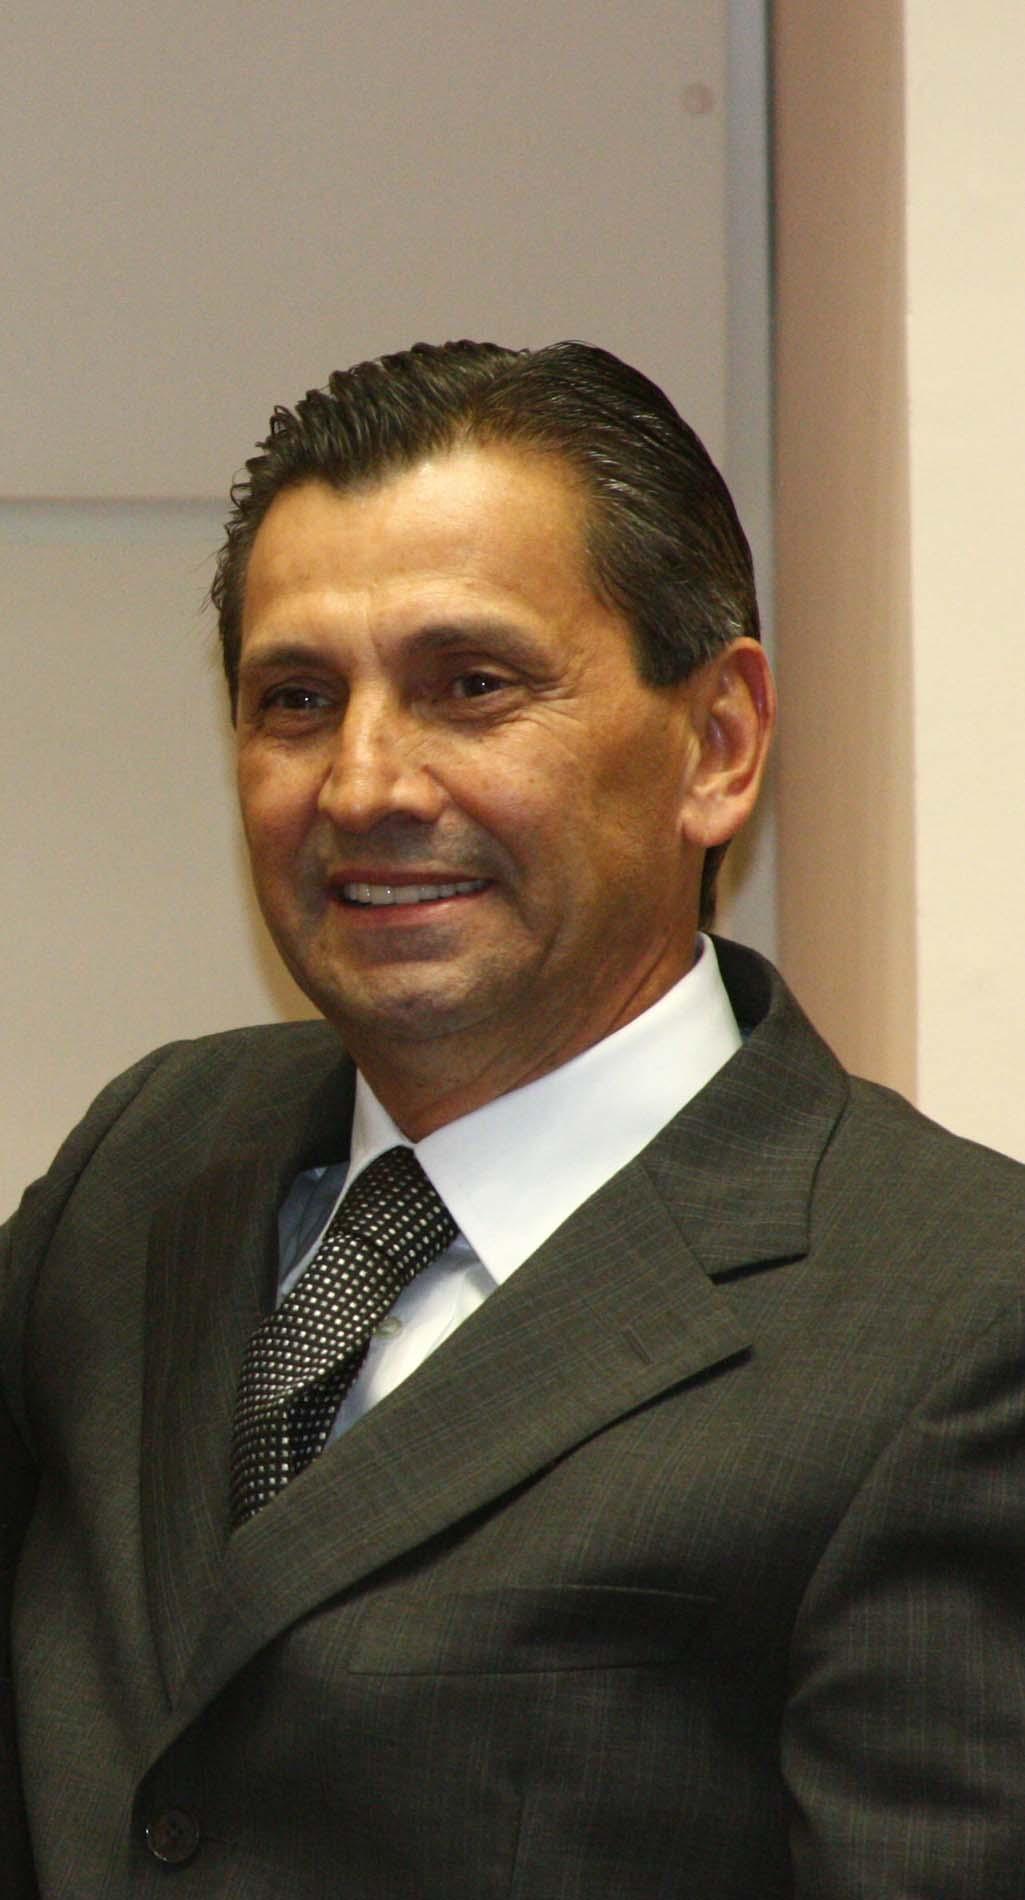 Deputado <b>Julio Garcia</b> (DEM) - Foto_03474_2009_M